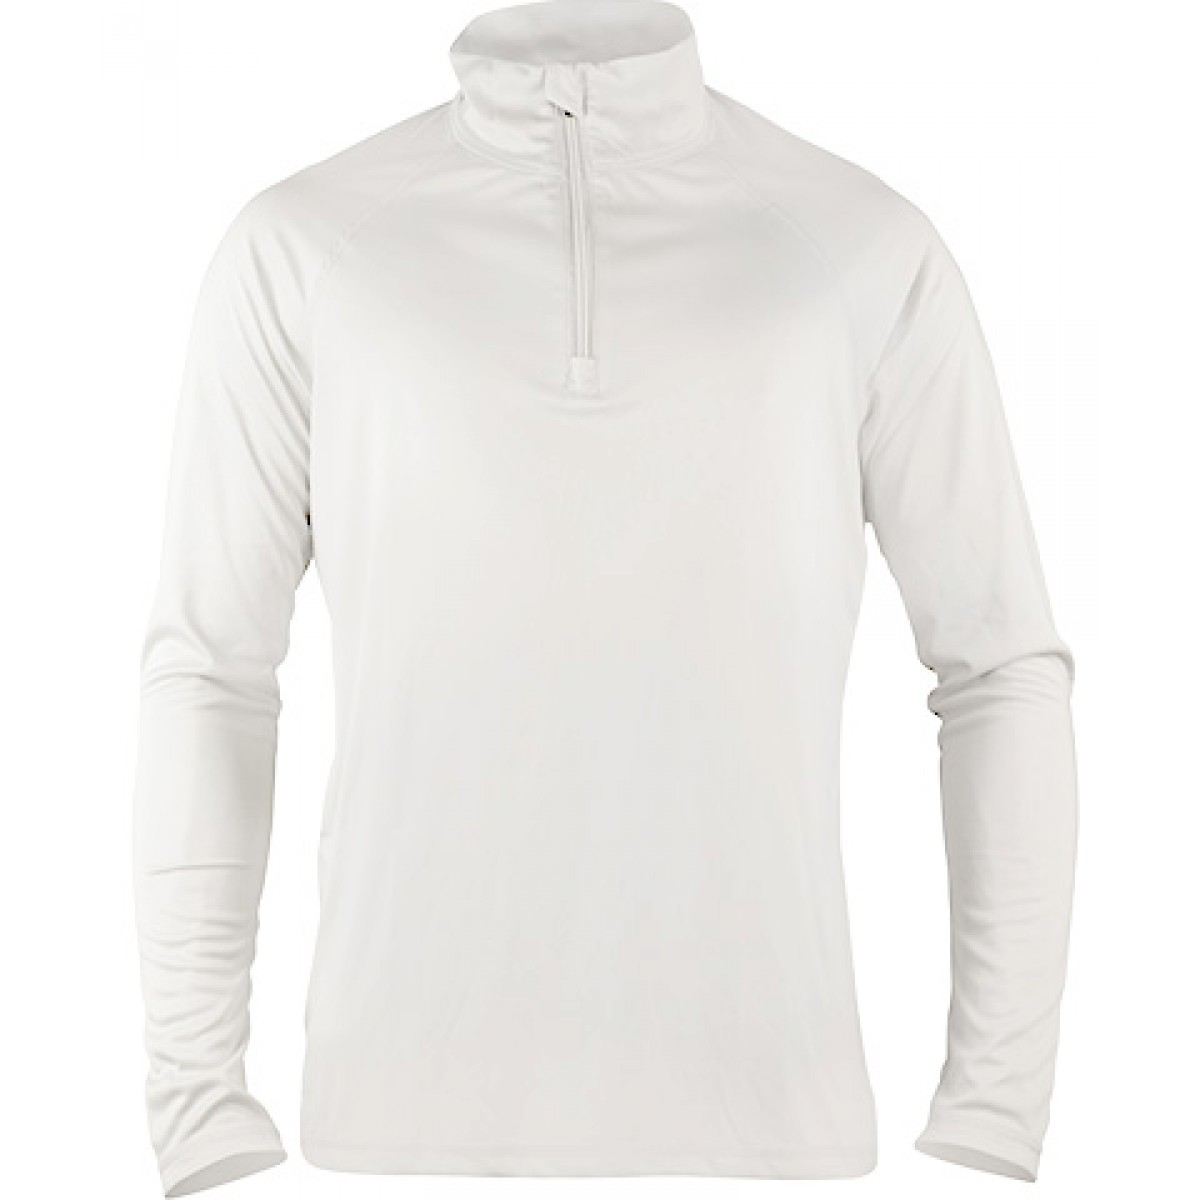 Quarter-Zip Lightweight Pullover-White-YM